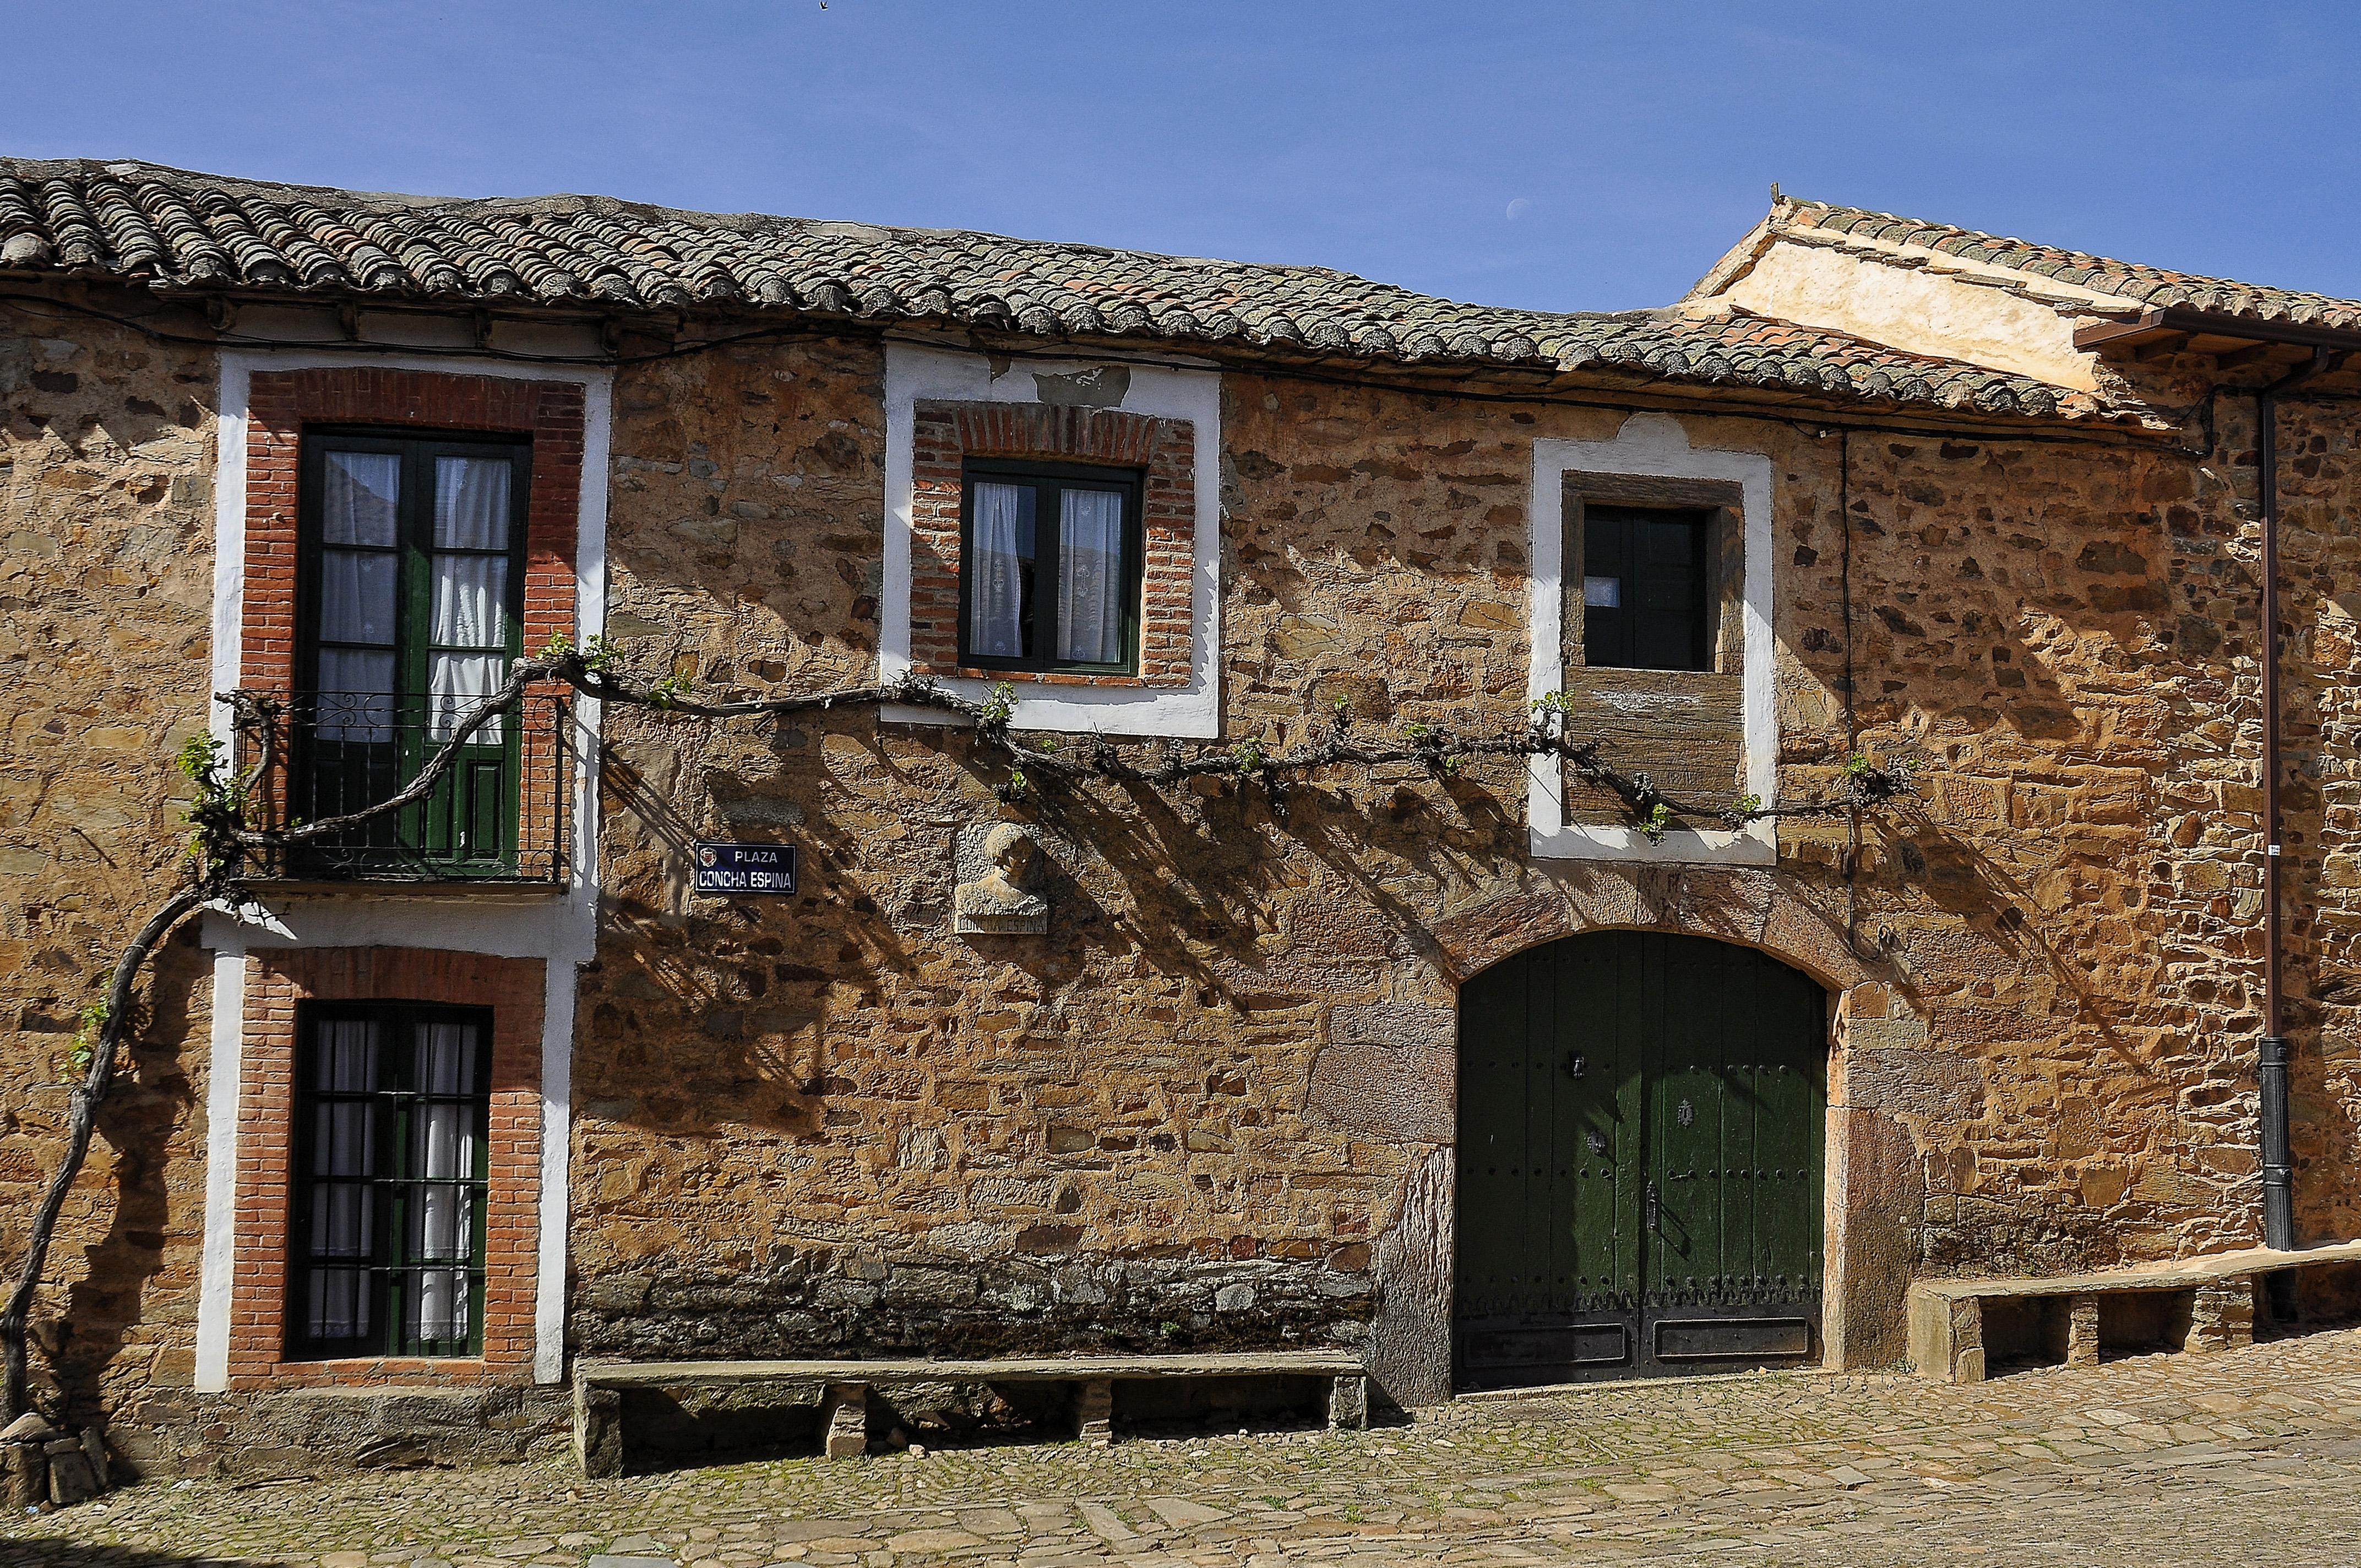 Fachadas de casas de pueblo fachada fachada casa adosada - Casas gratis en pueblos de espana ...